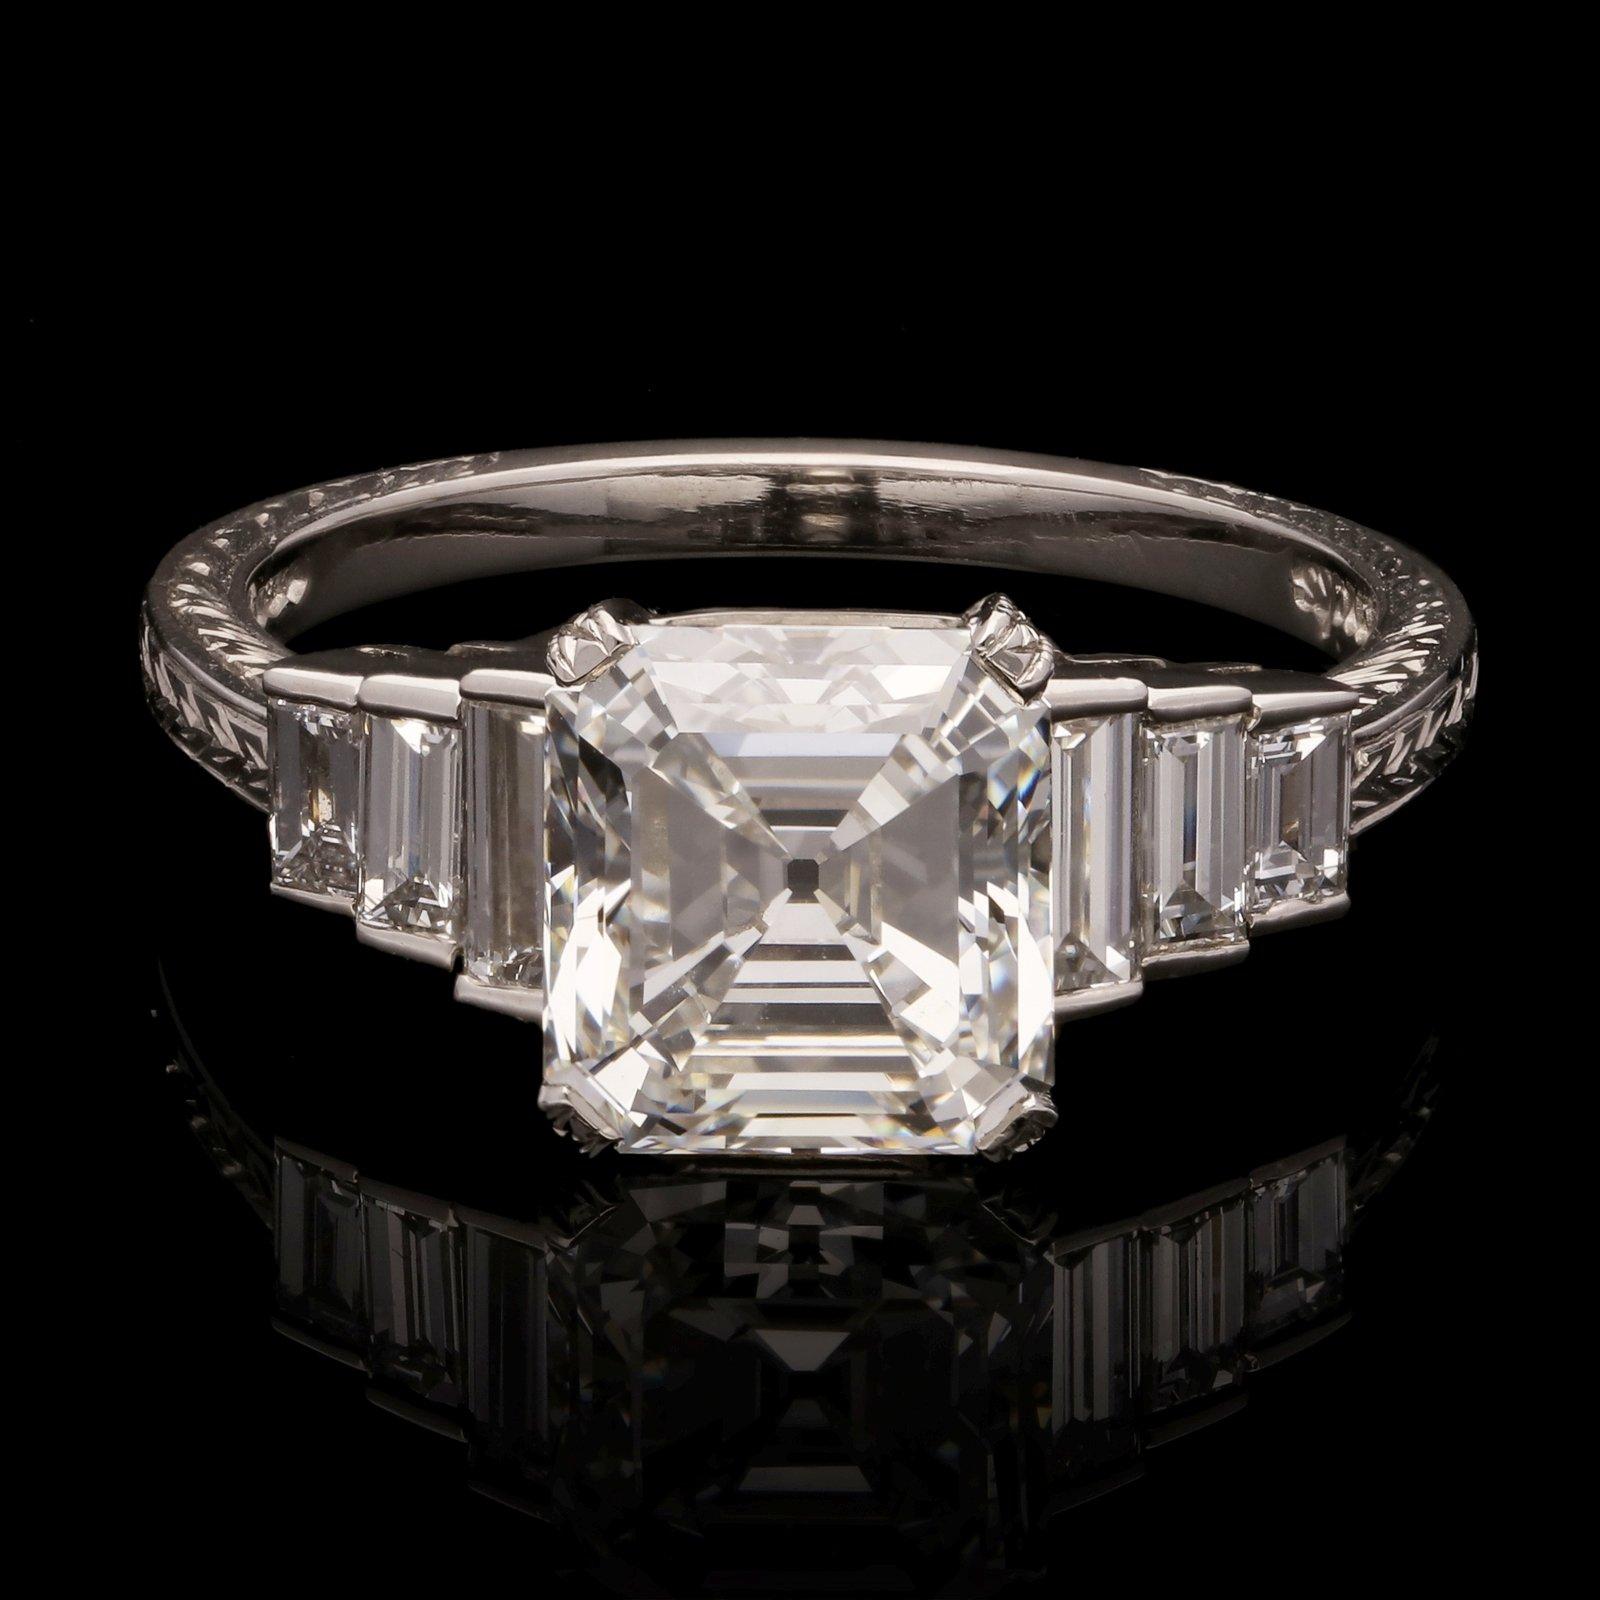 2 45ct Vintage Asscher Cut Diamond Ring Set In Platinum With Baguette Diamond Shoulders Hancocks London